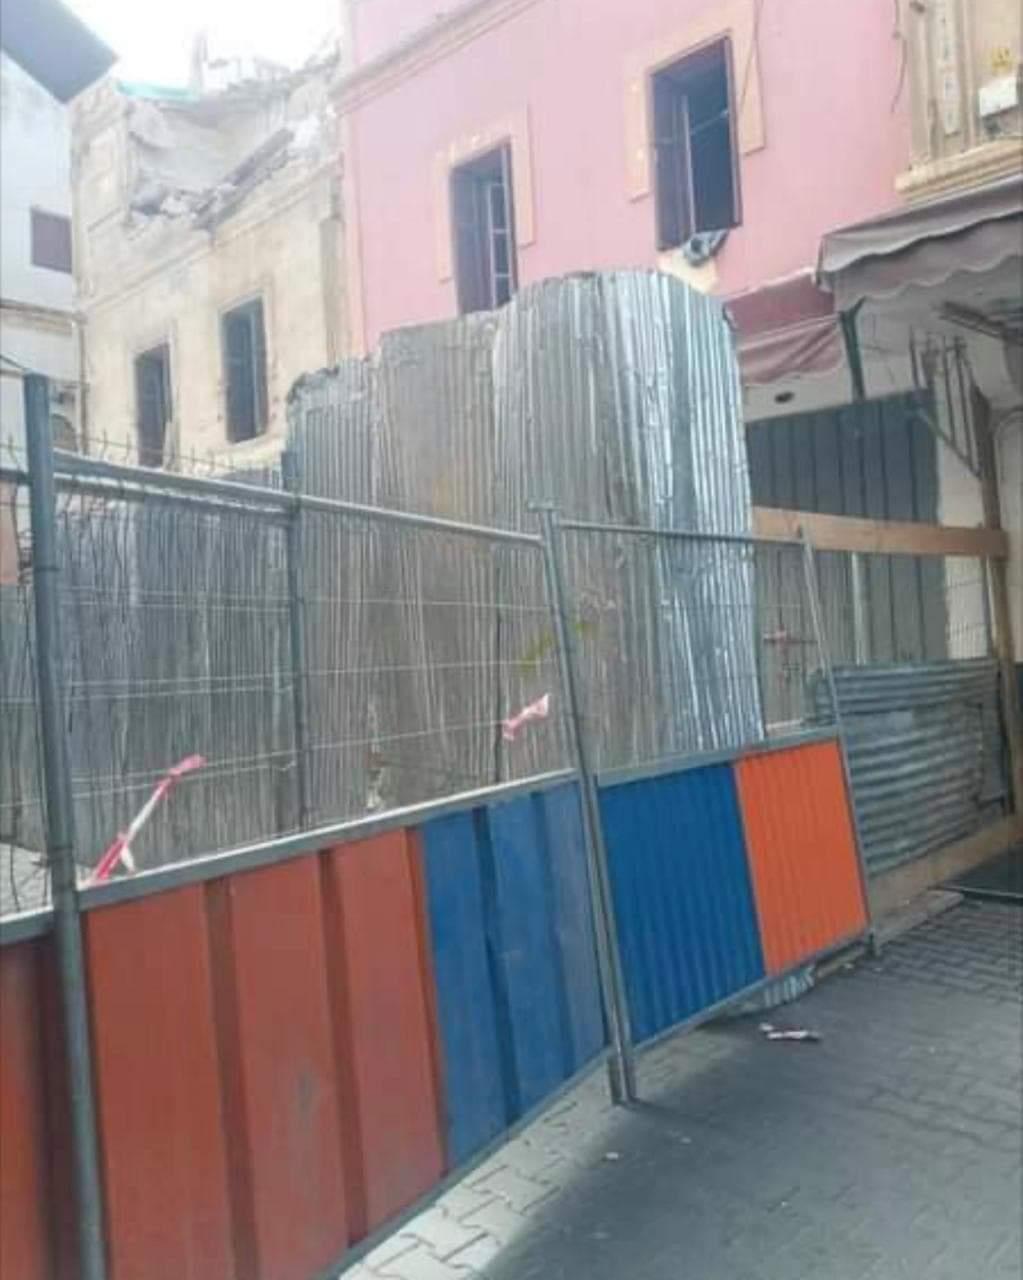 صورة سكان درب السلطان بالبيضاء يشتكون طرقا احتيالية جديدة لمافيا العقار